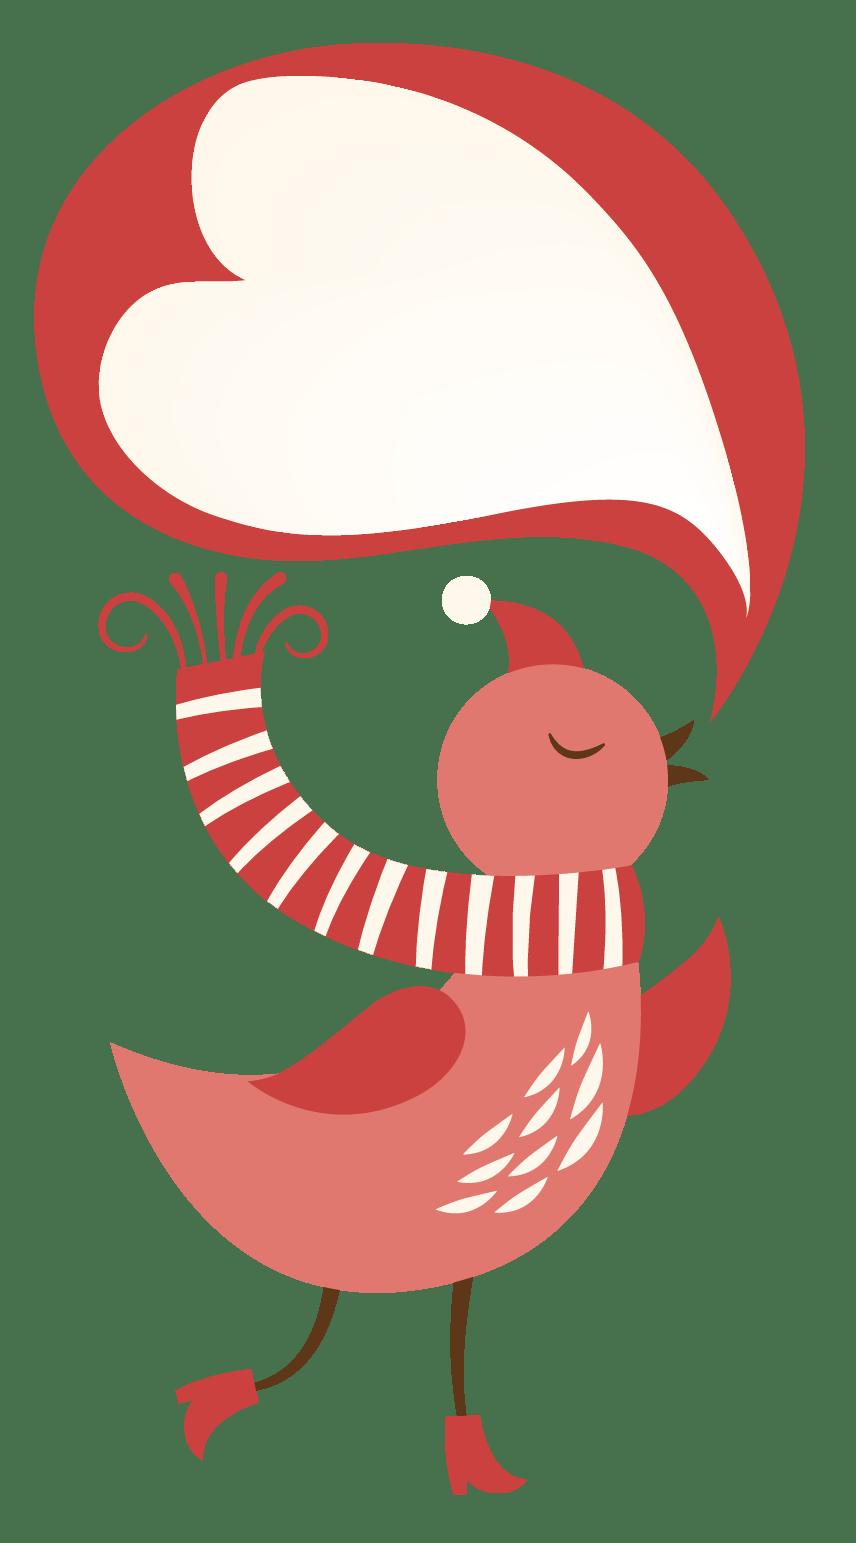 Kusjeskaarten - voor iedereen die je dierbaar is maar niet bij je kan zijn deze Kerst